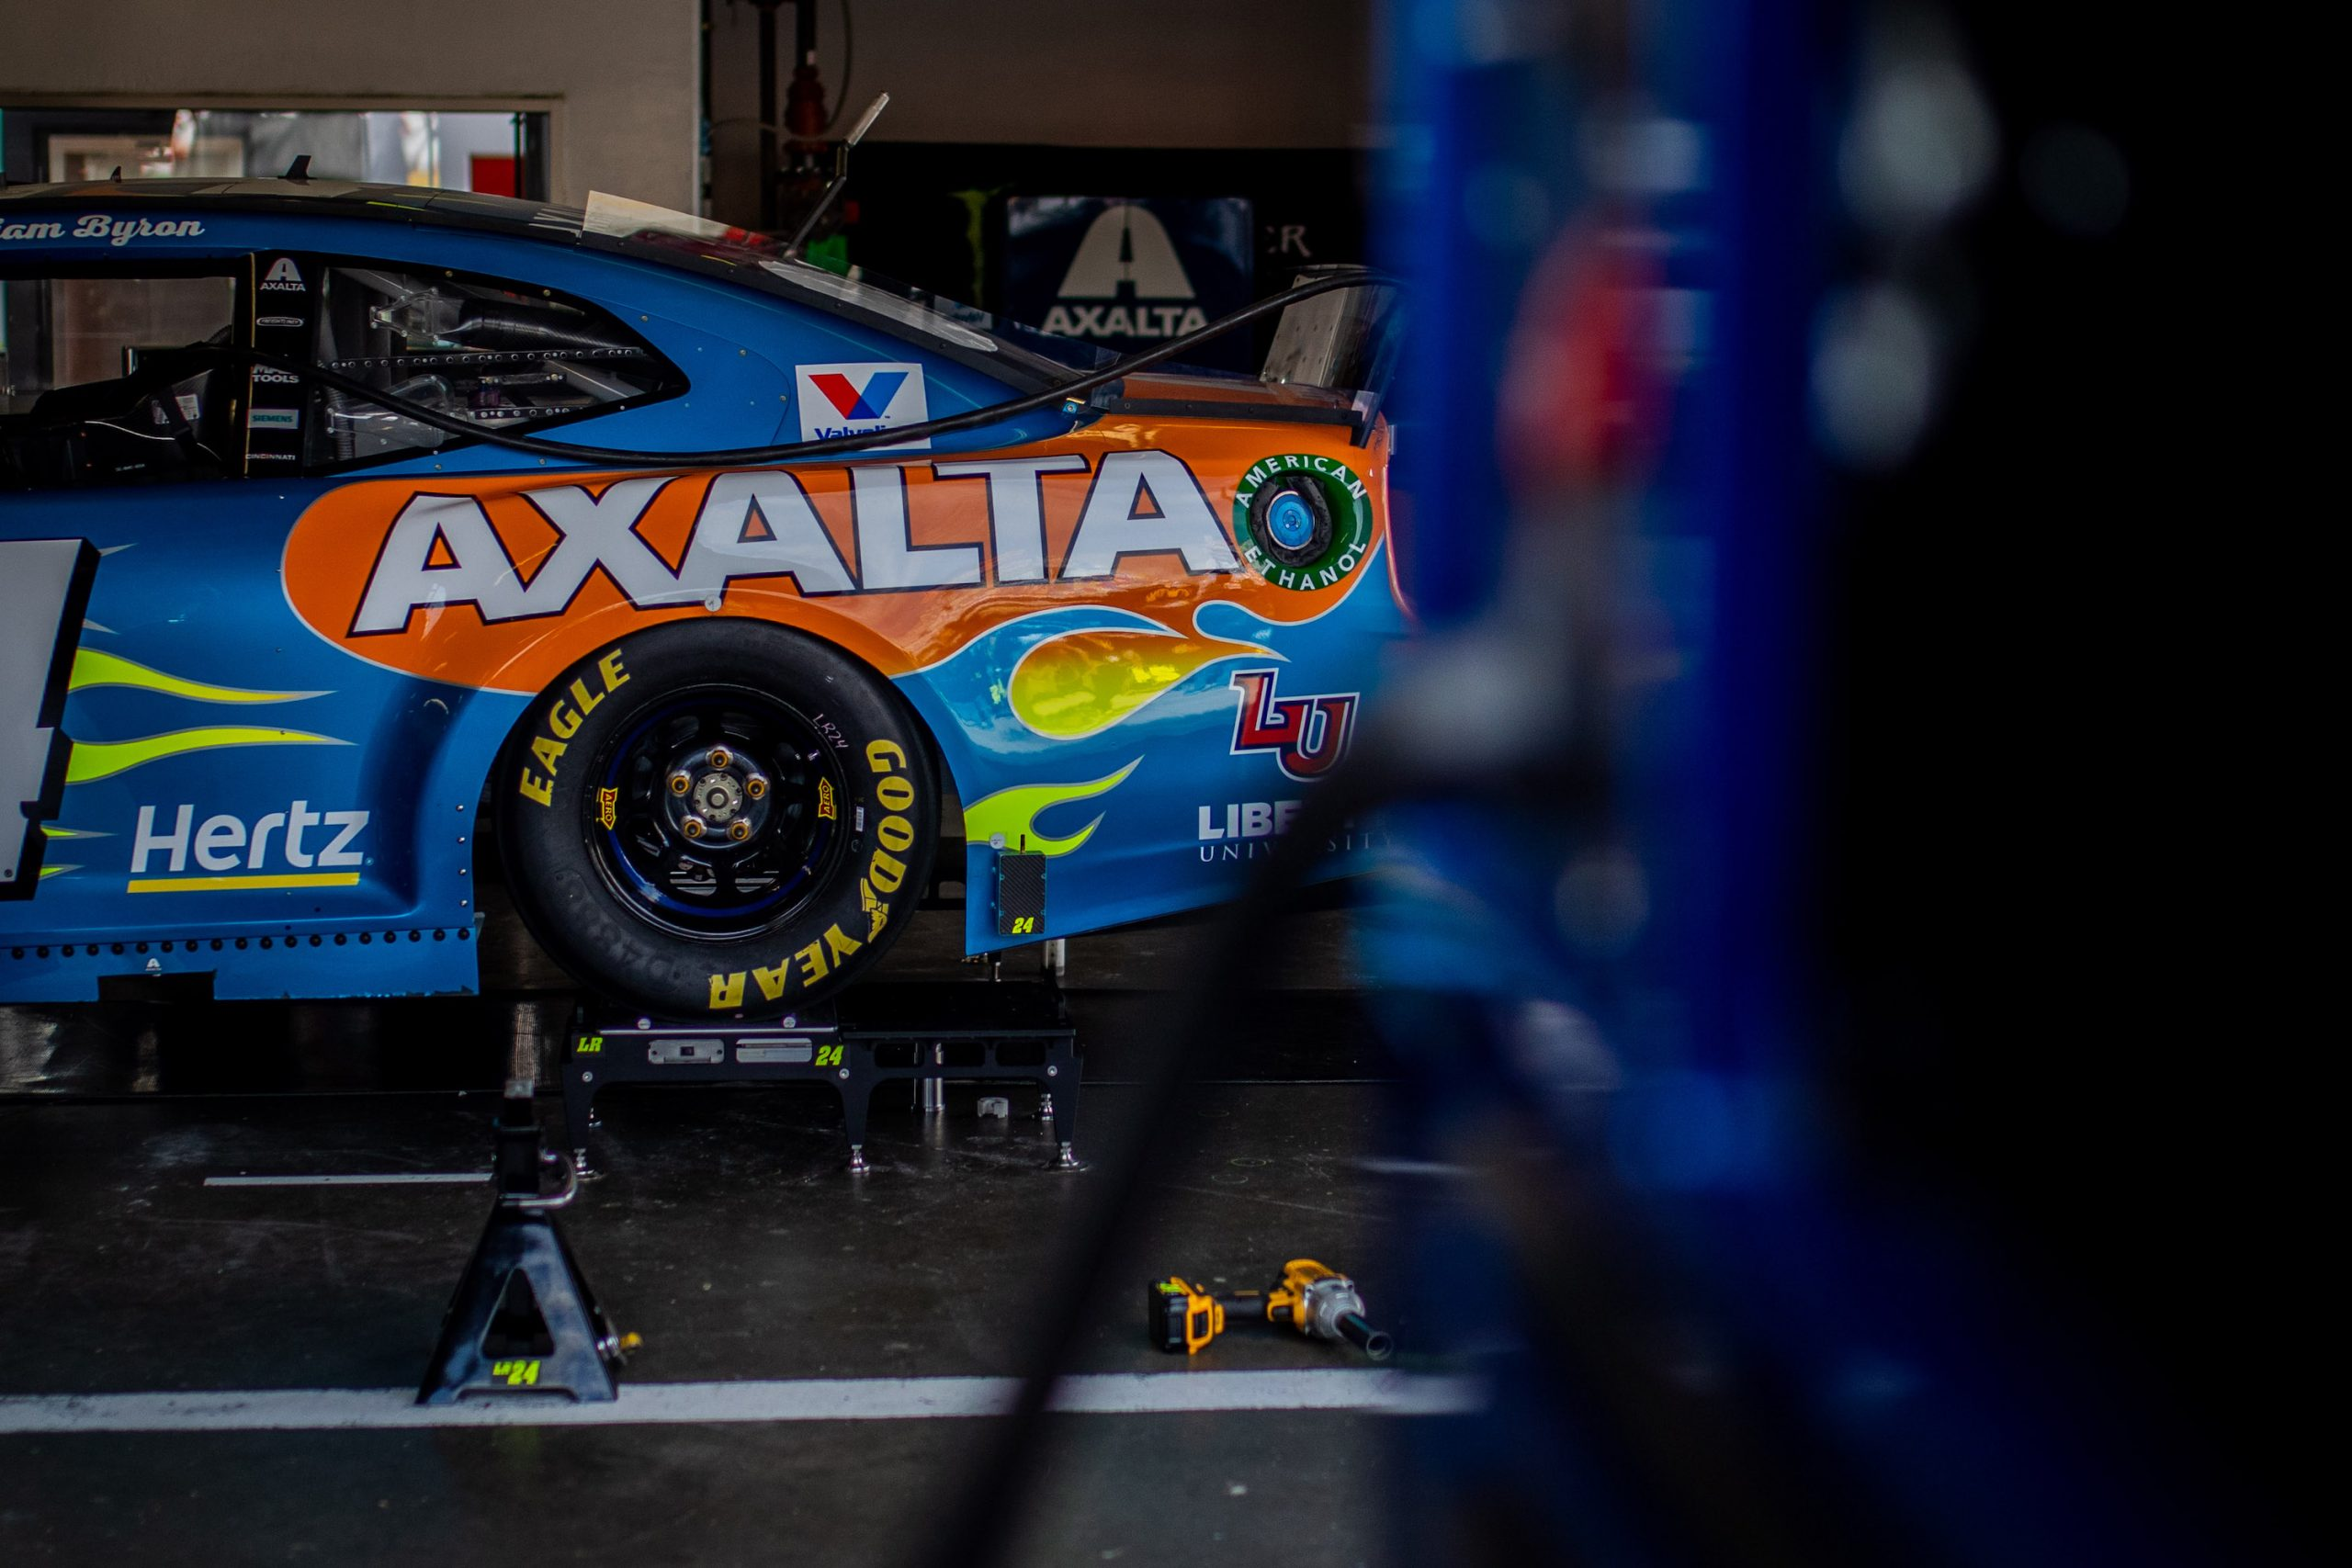 Daytona Race Car Pit